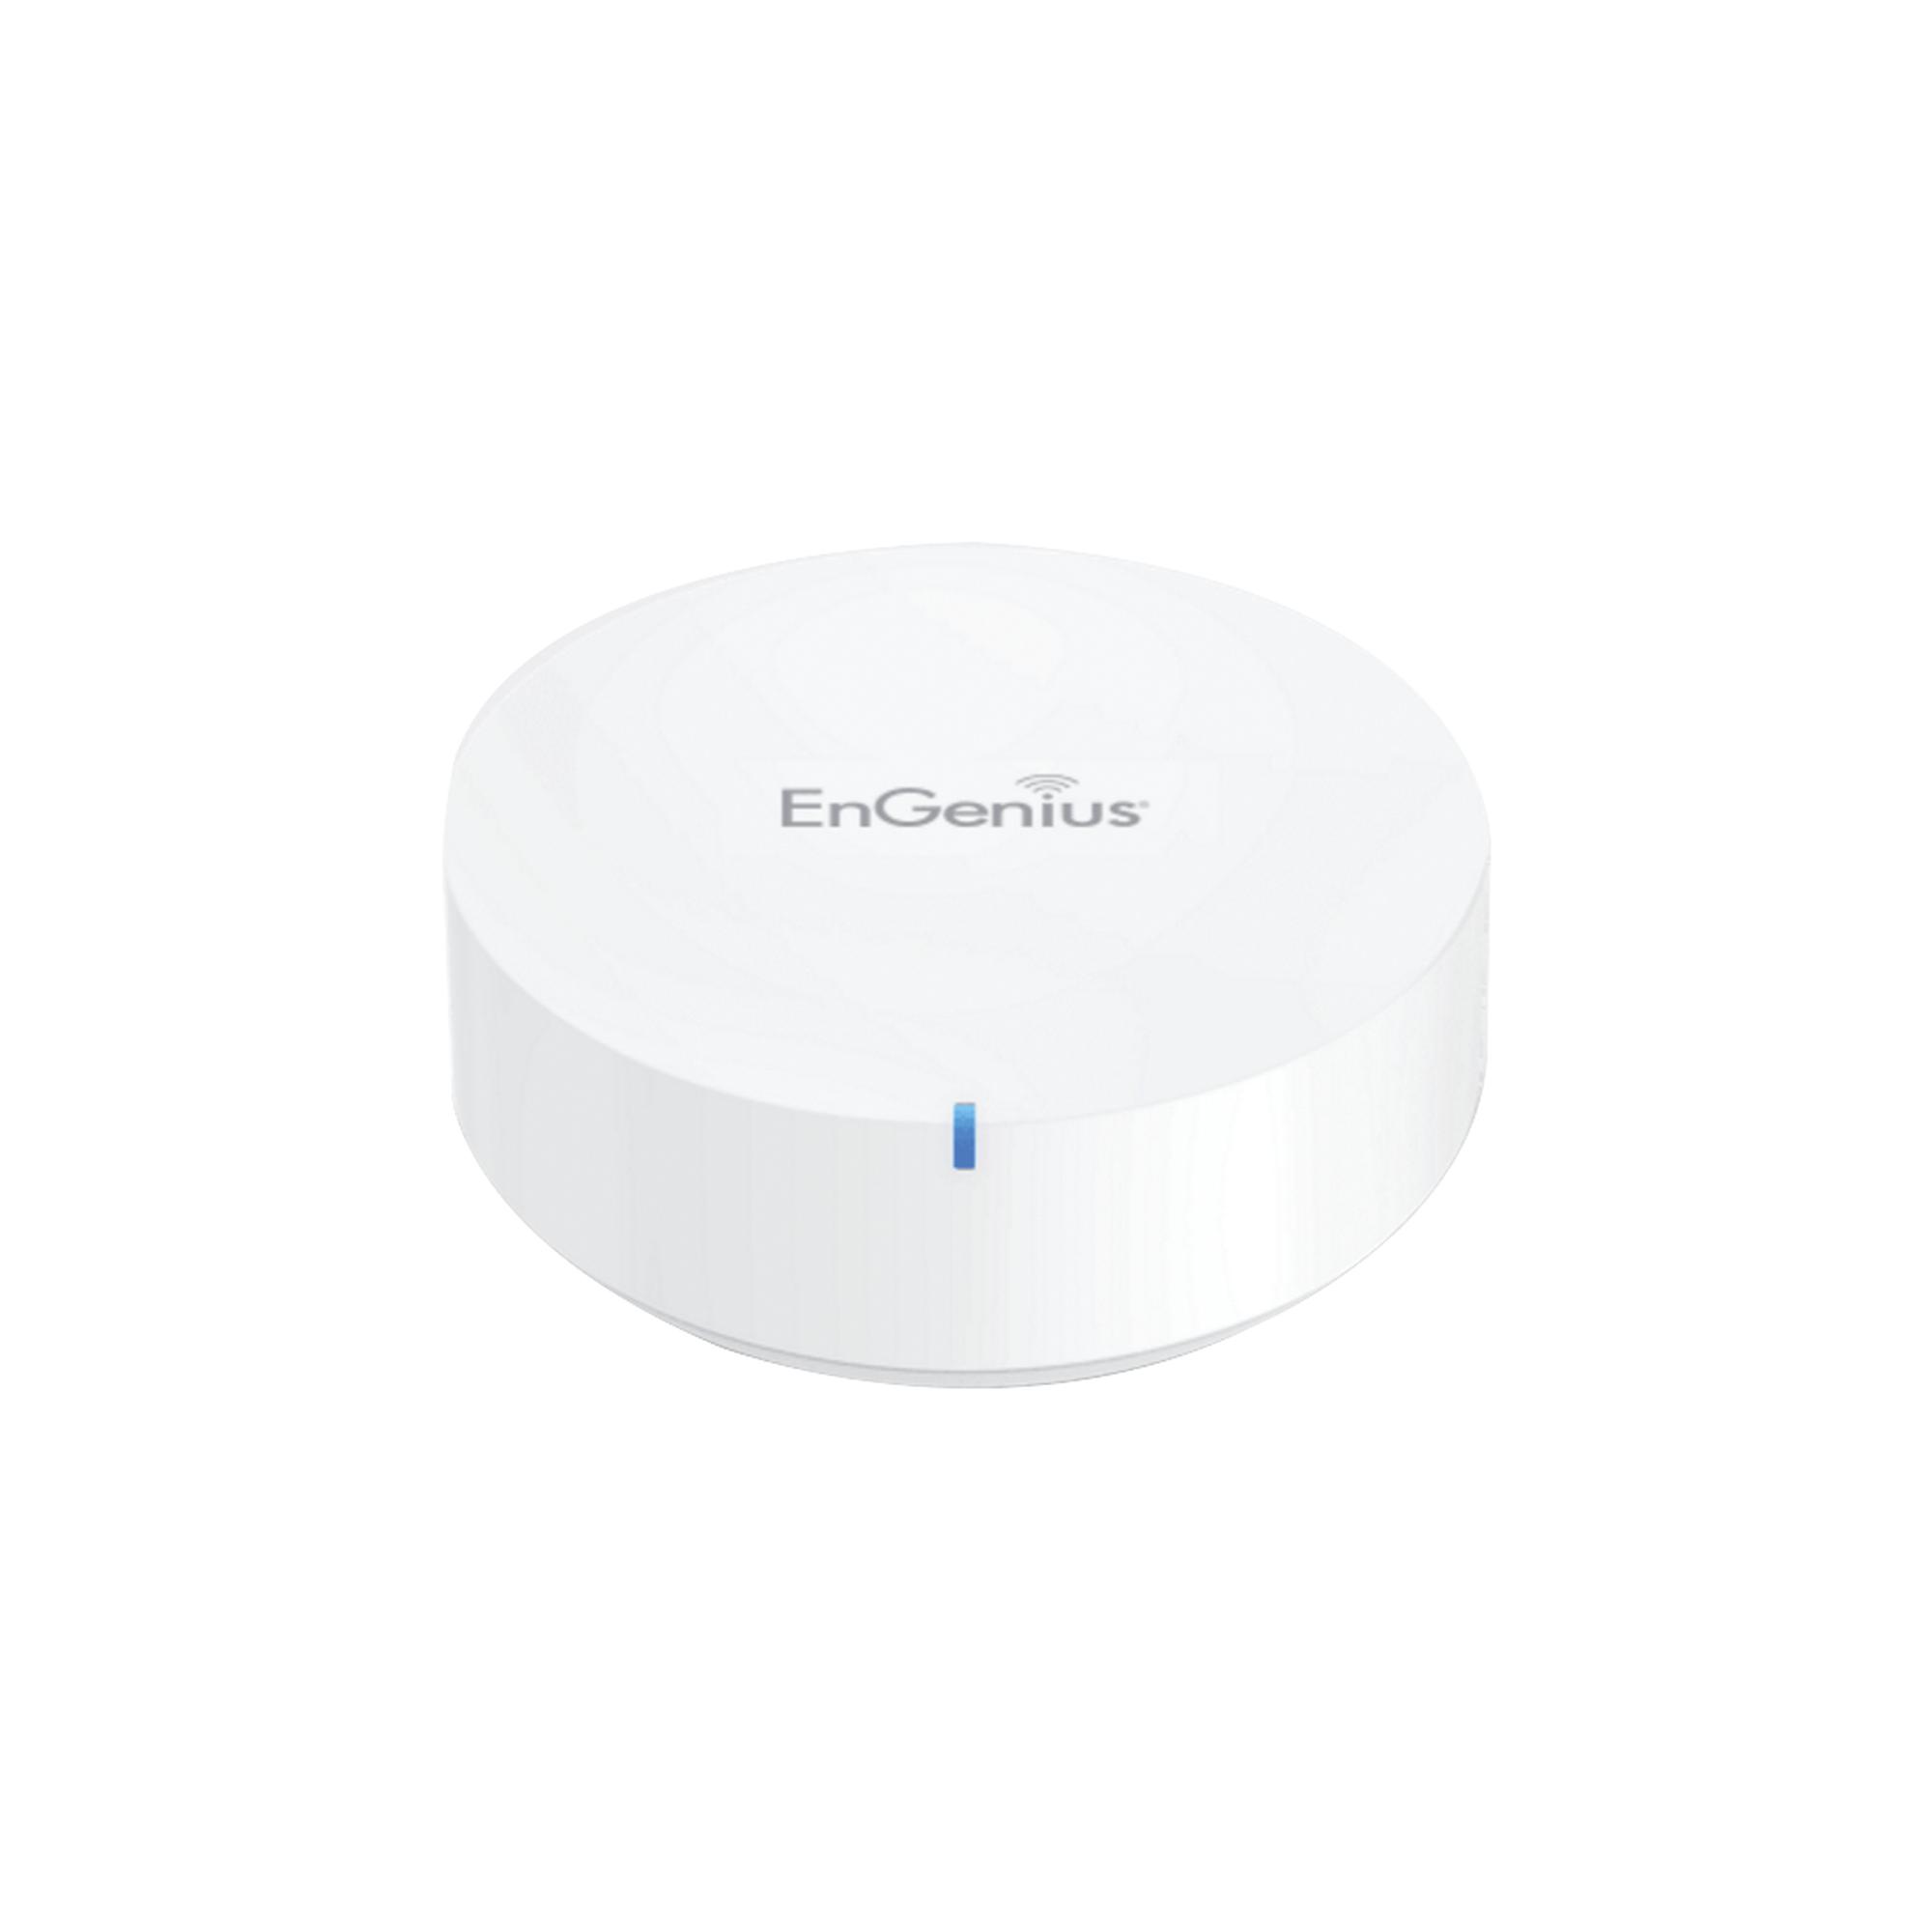 MESH Router y Punto de Acceso WiFi ac para Interior, Hasta 1167 Mbps, MIMO 2x2, Doble Banda Simultánea en 2.4 y 5 GHz, con Puerto Secundario y Puerto USB